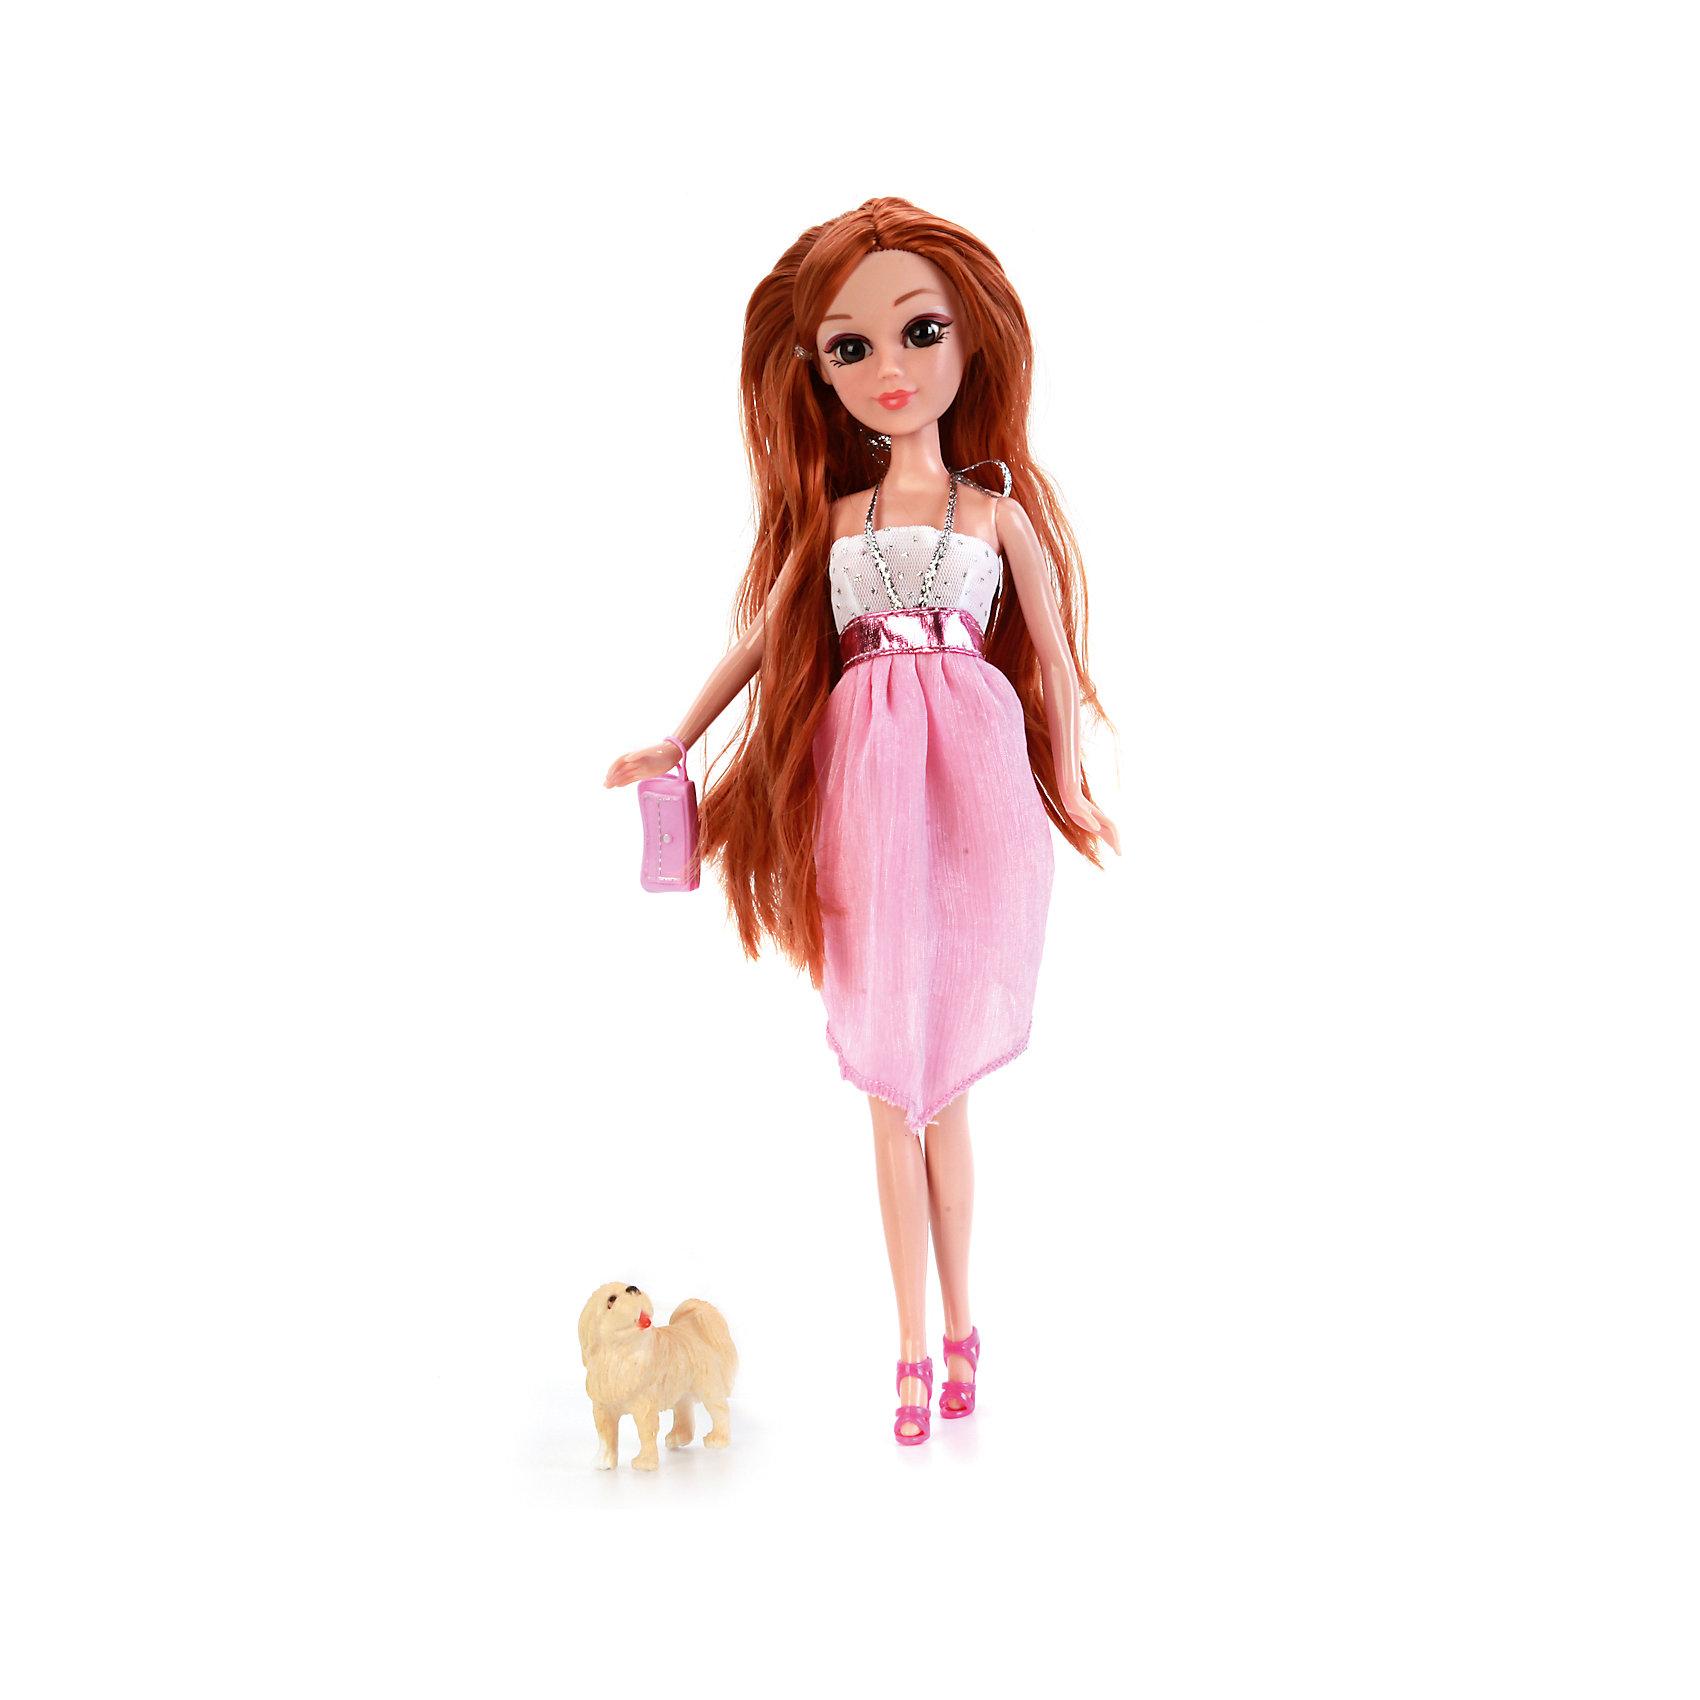 Кукла Мария 29 см, с гламурной собачкой и аксессуарами, КарапузИнтерактивные куклы<br>Набор кукла Мария с питомцем приведет в восторг любую девочку. Мария обожает ухаживать за своим питомцем, ласкать и играть с этими чудесным созданиям. В наборе есть все необходимое для ухода за питомцем. Когда Мария отправляется на прогулку со своим гламурным питомцем, она сразу приковывает к себе взгляды. У куклы подвижные руки и ноги, голова. У Марии реалистичные пластиковые глаза и густые ресницы, которые делают ее взгляд особенно выразительным. Красивые волосы можно причесывать и делать ей различные прически.<br><br>Ширина мм: 38<br>Глубина мм: 70<br>Высота мм: 45<br>Вес г: 370<br>Возраст от месяцев: 36<br>Возраст до месяцев: 60<br>Пол: Женский<br>Возраст: Детский<br>SKU: 6863988